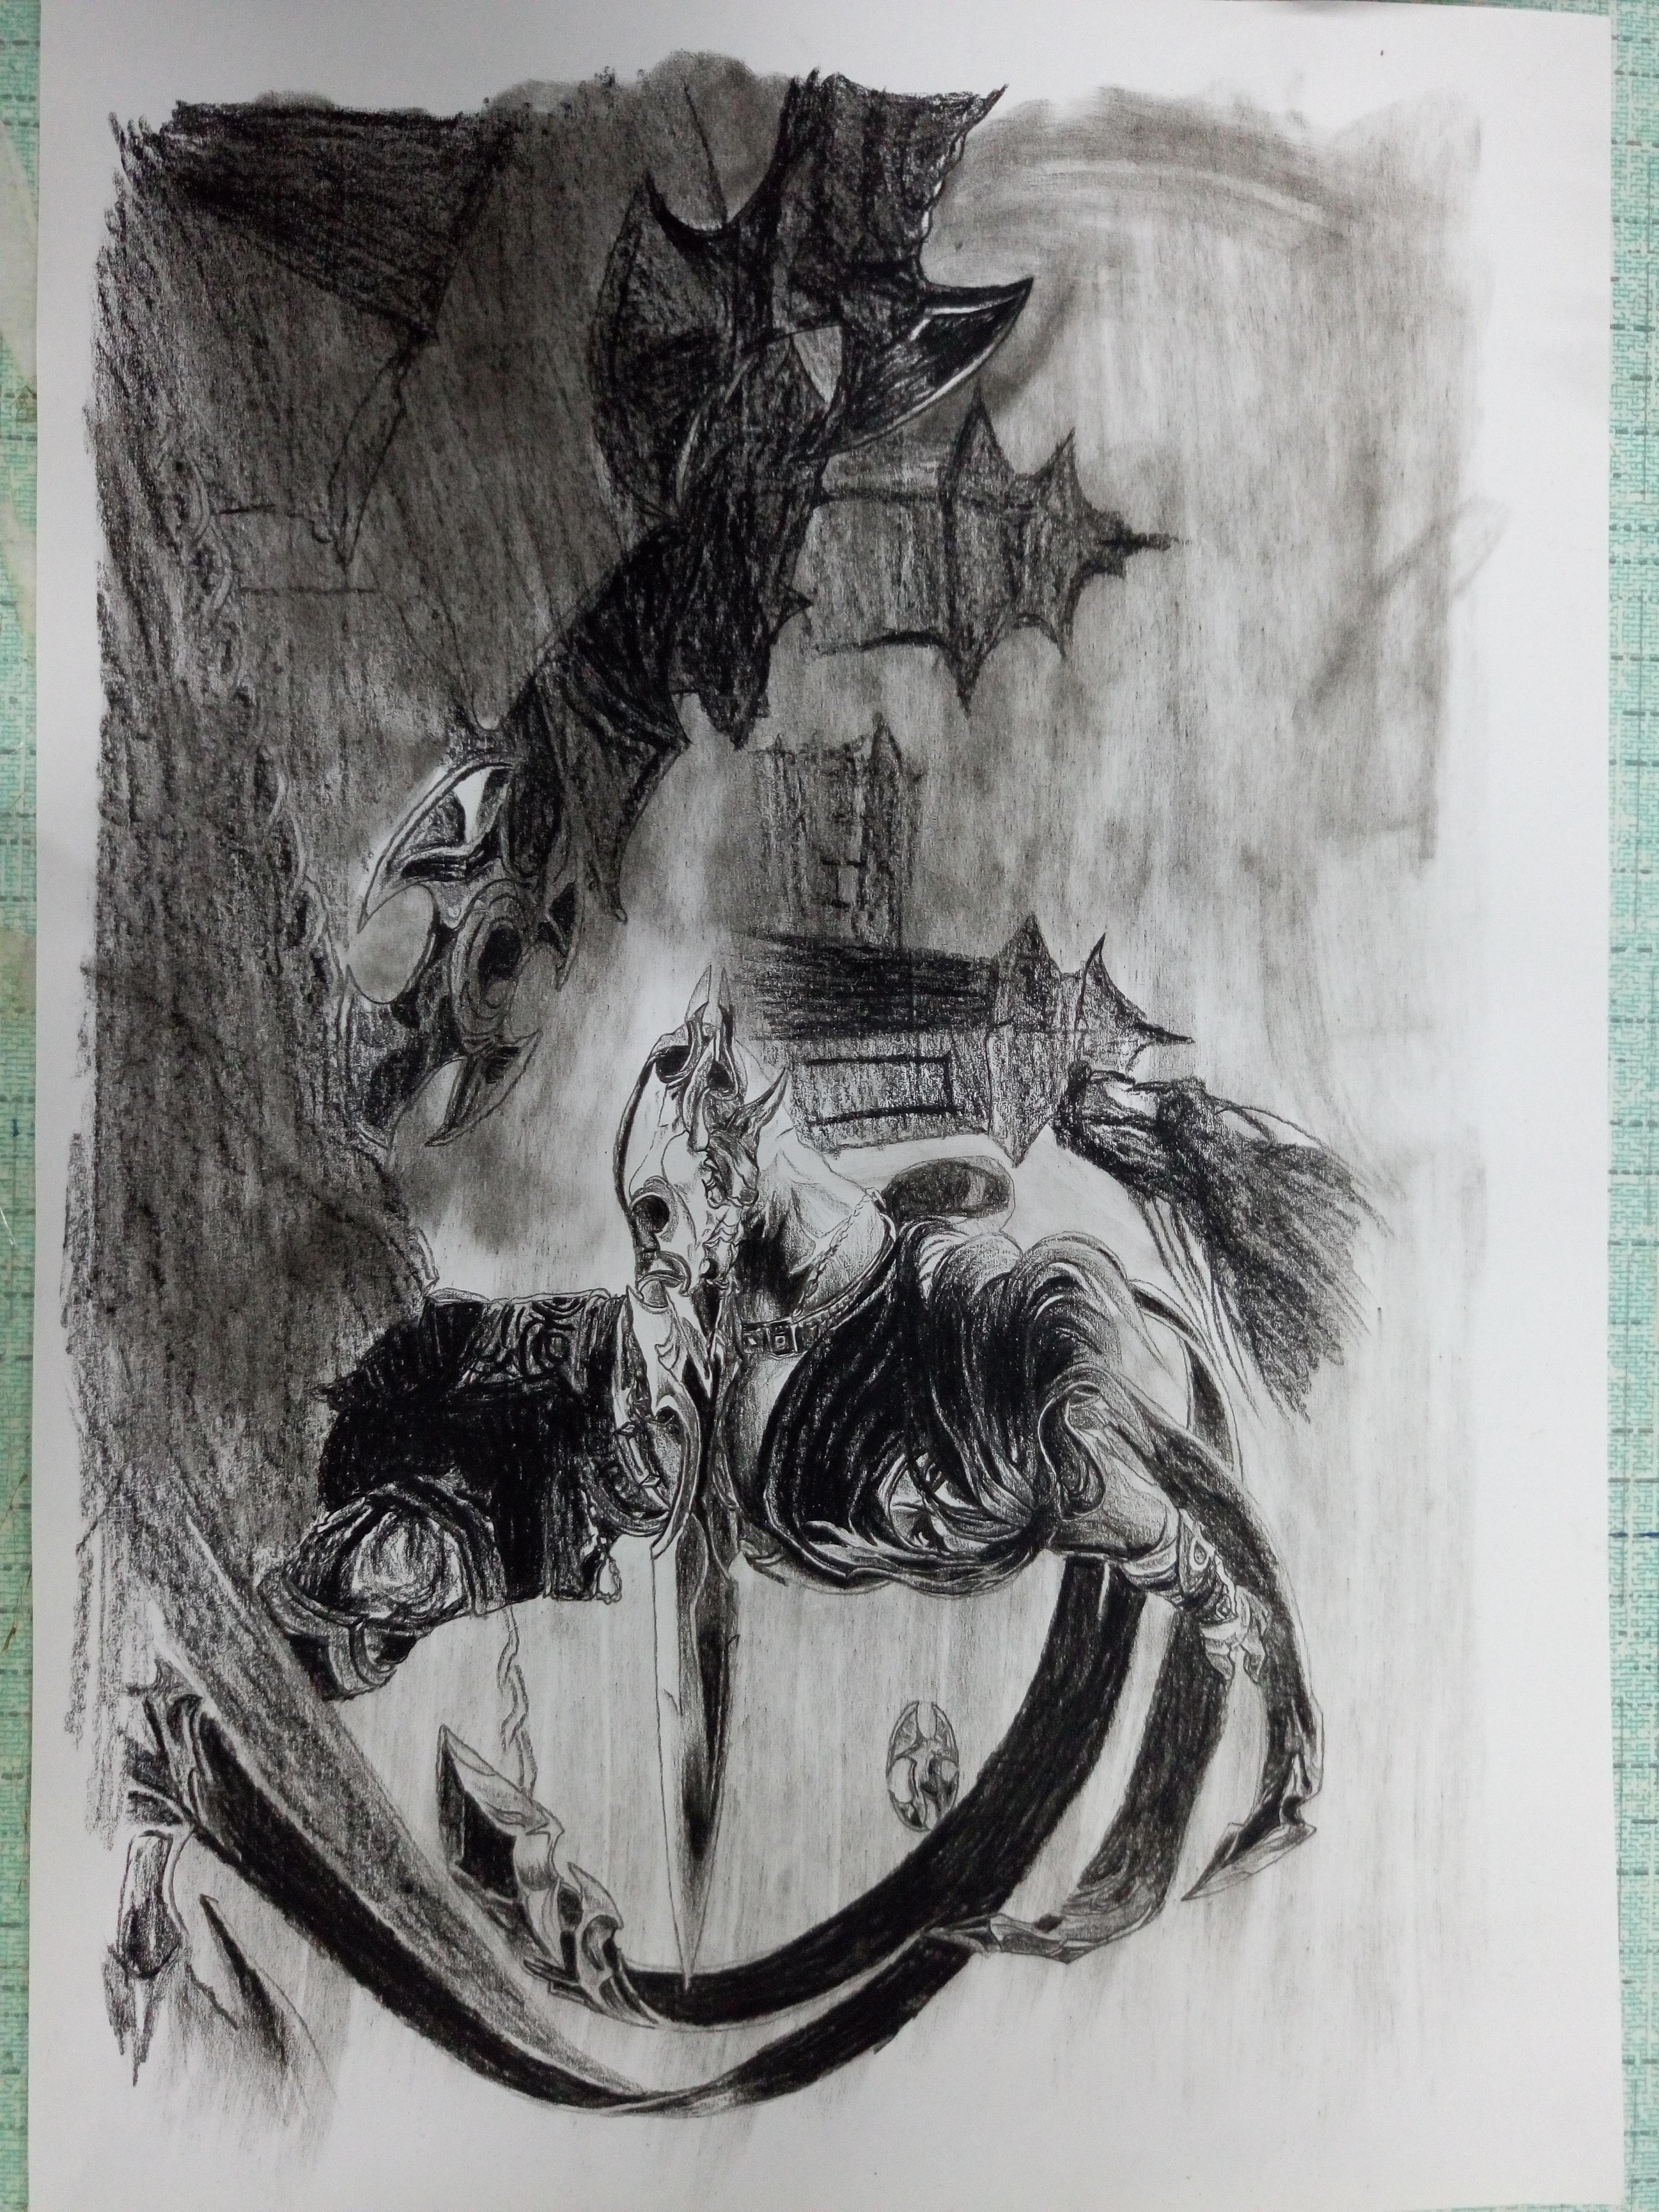 英雄联盟手绘|插画|游戏原画|listen_0 - 临摹作品